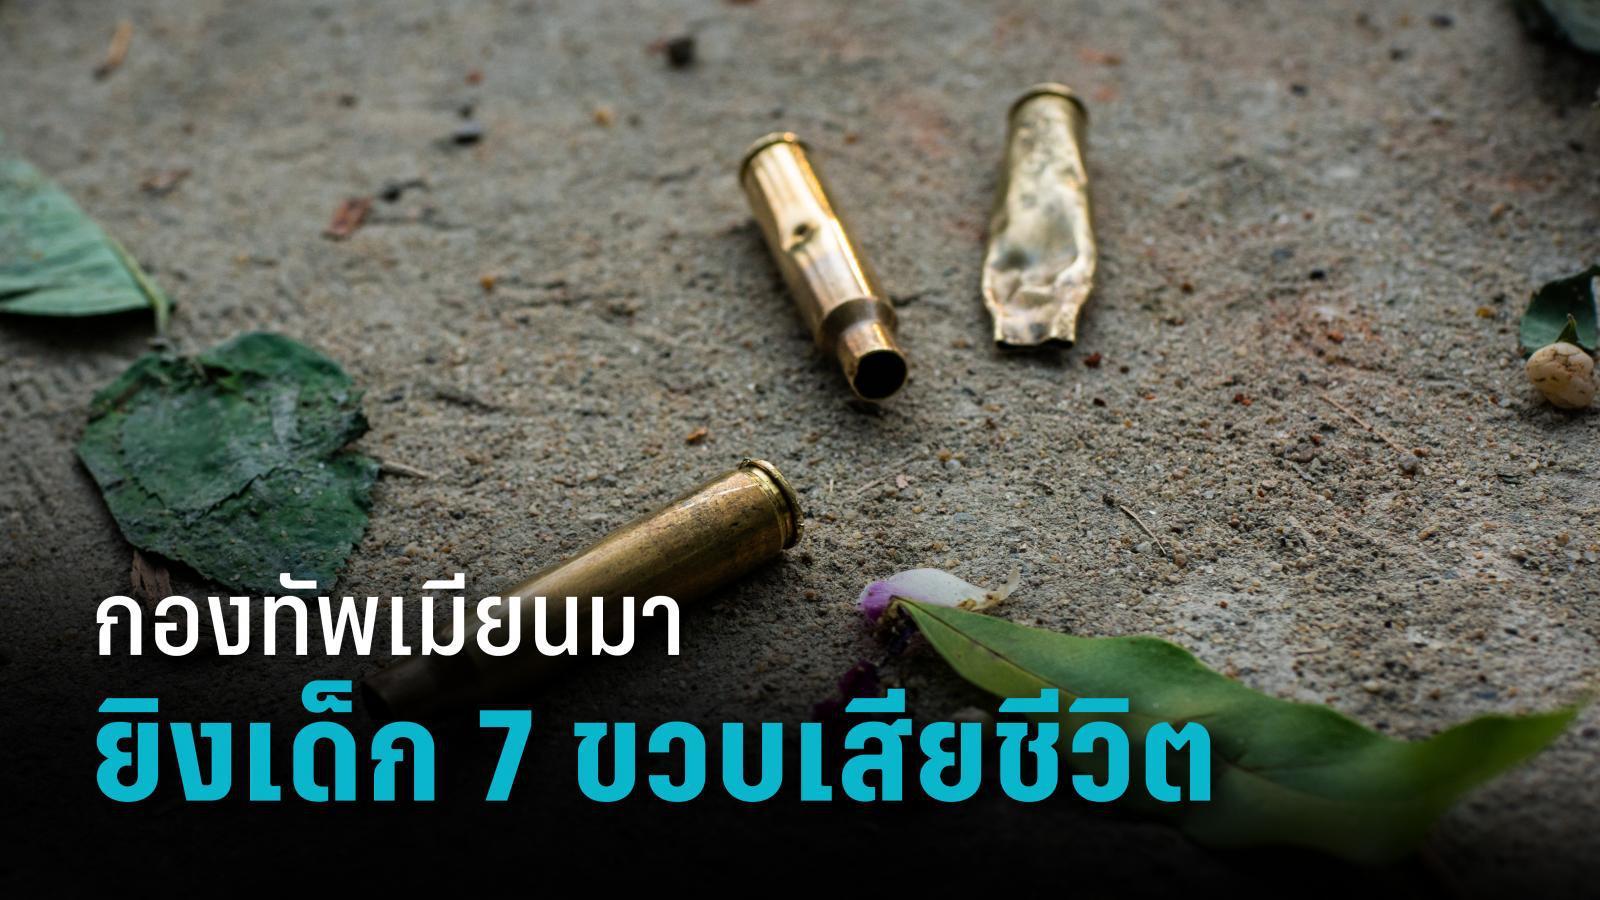 เด็ก 7 ขวบในมัณฑะเลย์เสียชีวิต เหยื่อปืนกองทัพเมียนมาที่อายุน้อยที่สุด